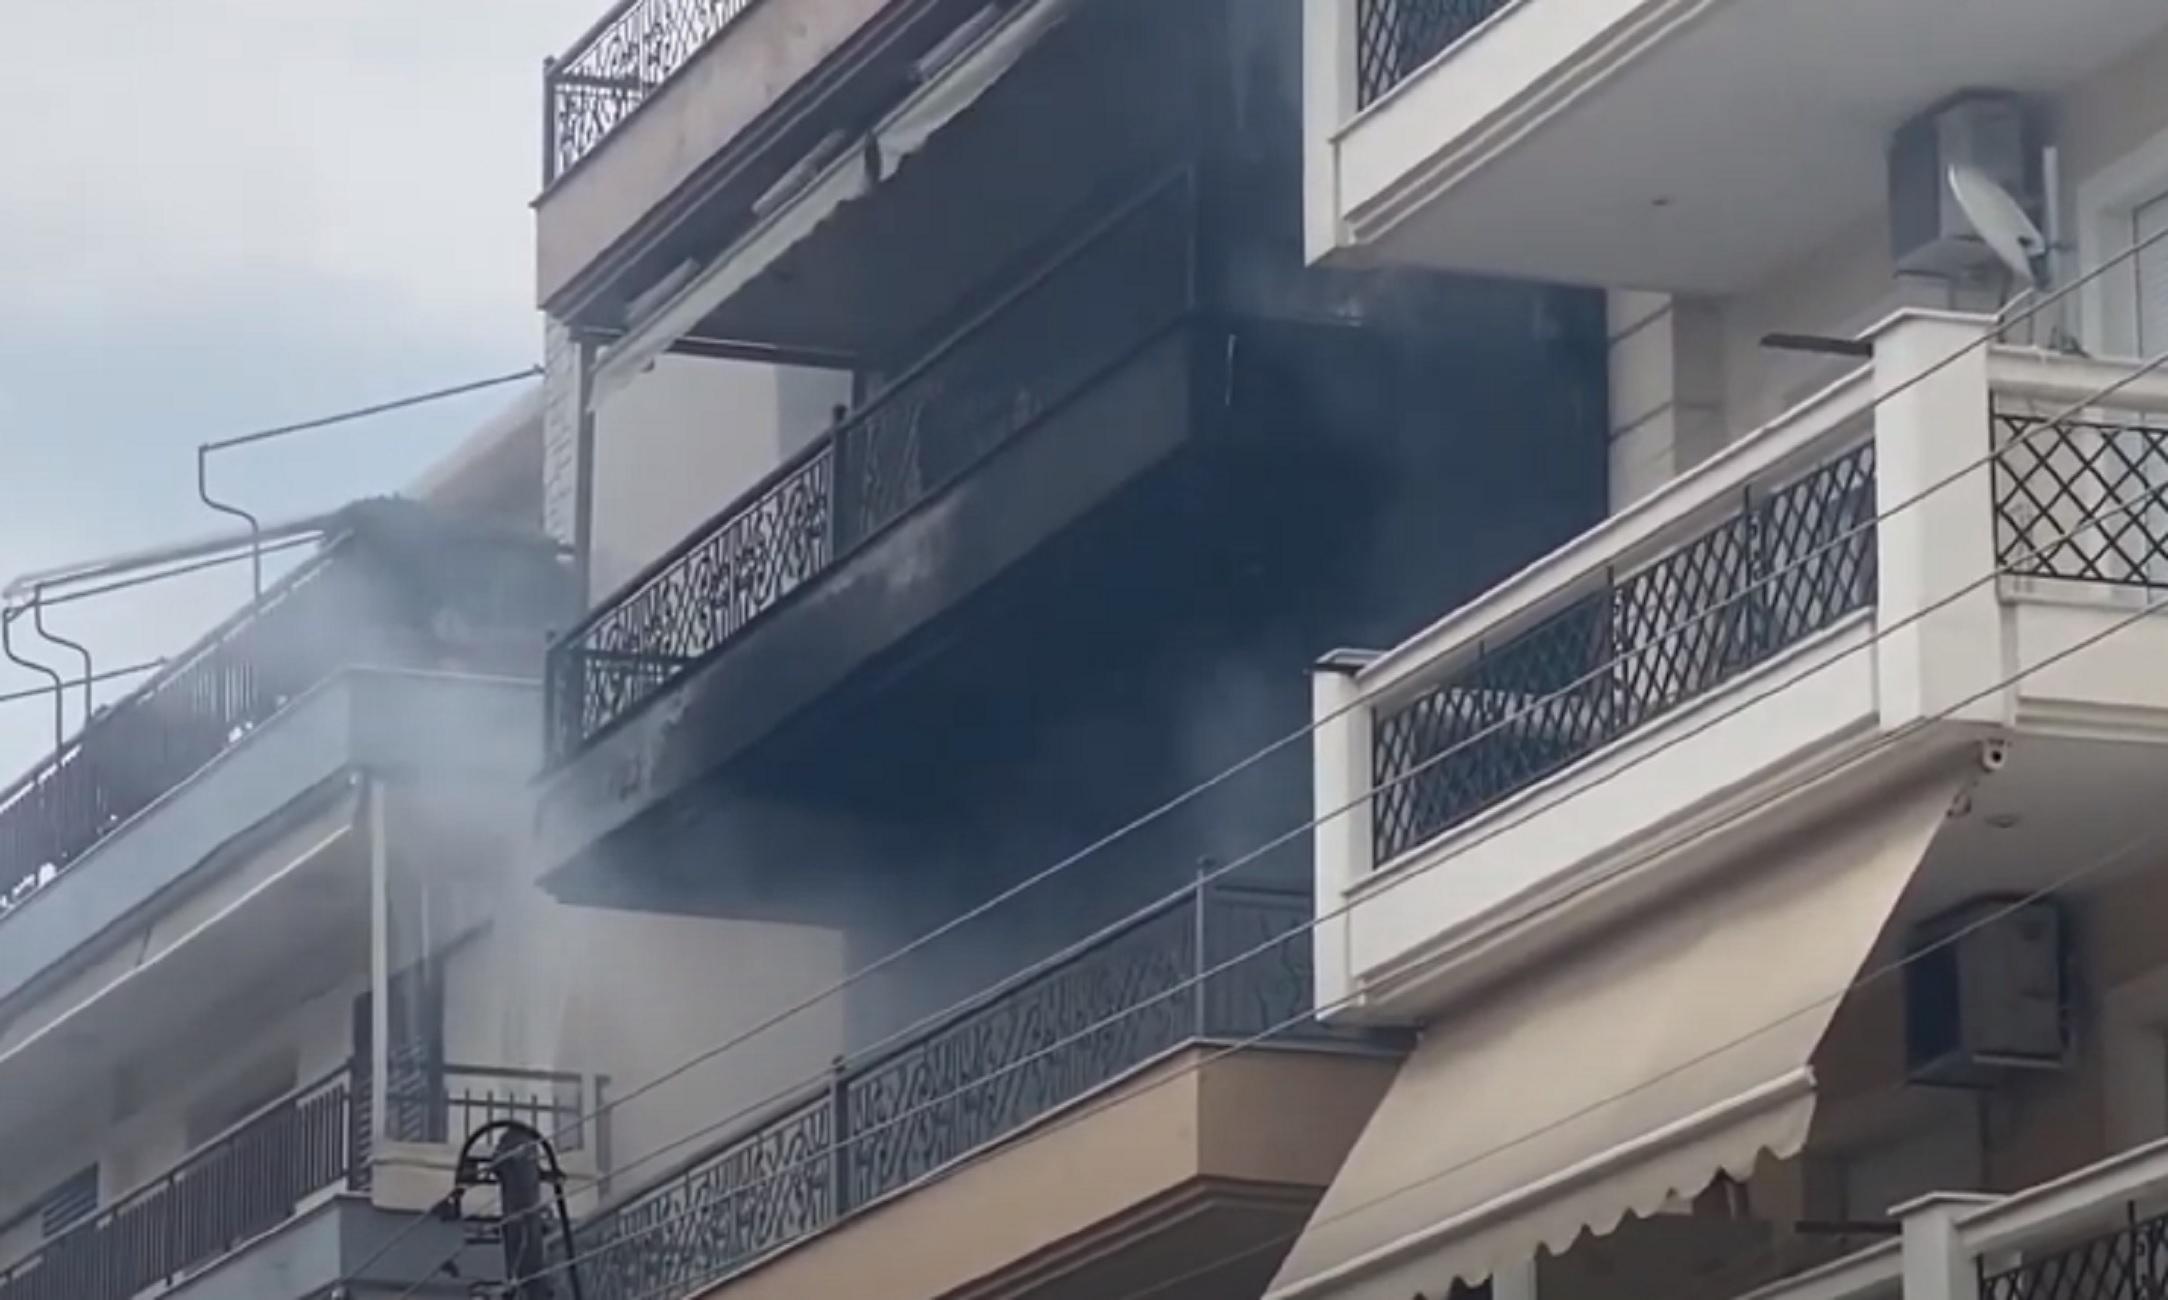 Θεσσαλονίκη: Μεγάλη φωτιά σε διαμέρισμα από ένα κεράκι που έμεινε αναμμένο σε δωμάτιο